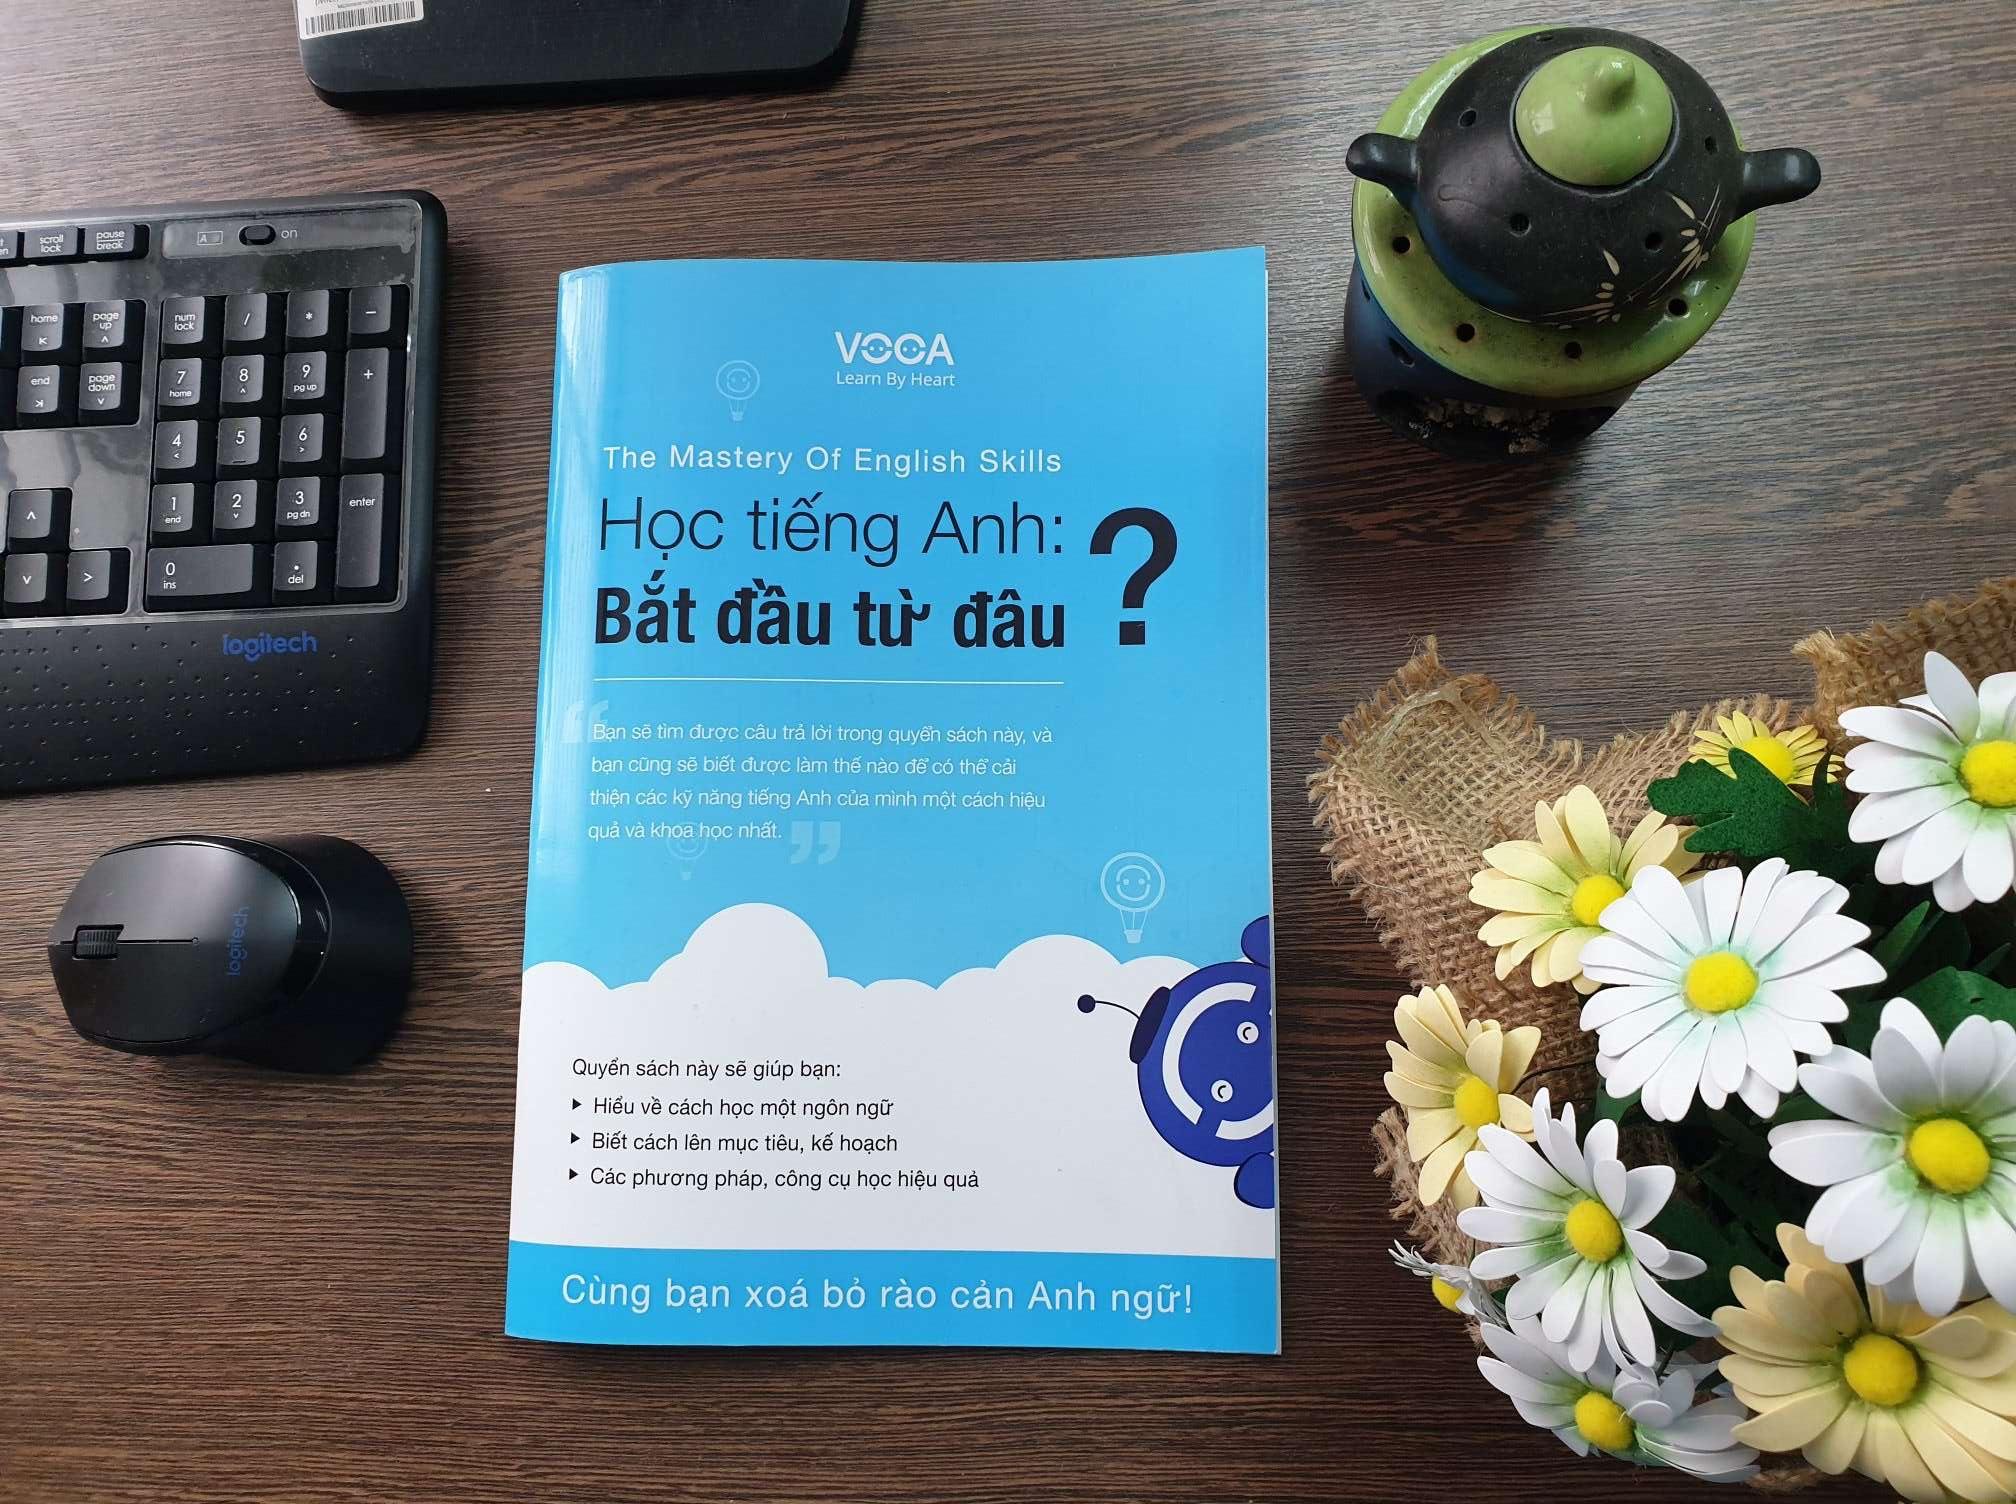 sách học tiếng anh: bắt đầu từ đâu?